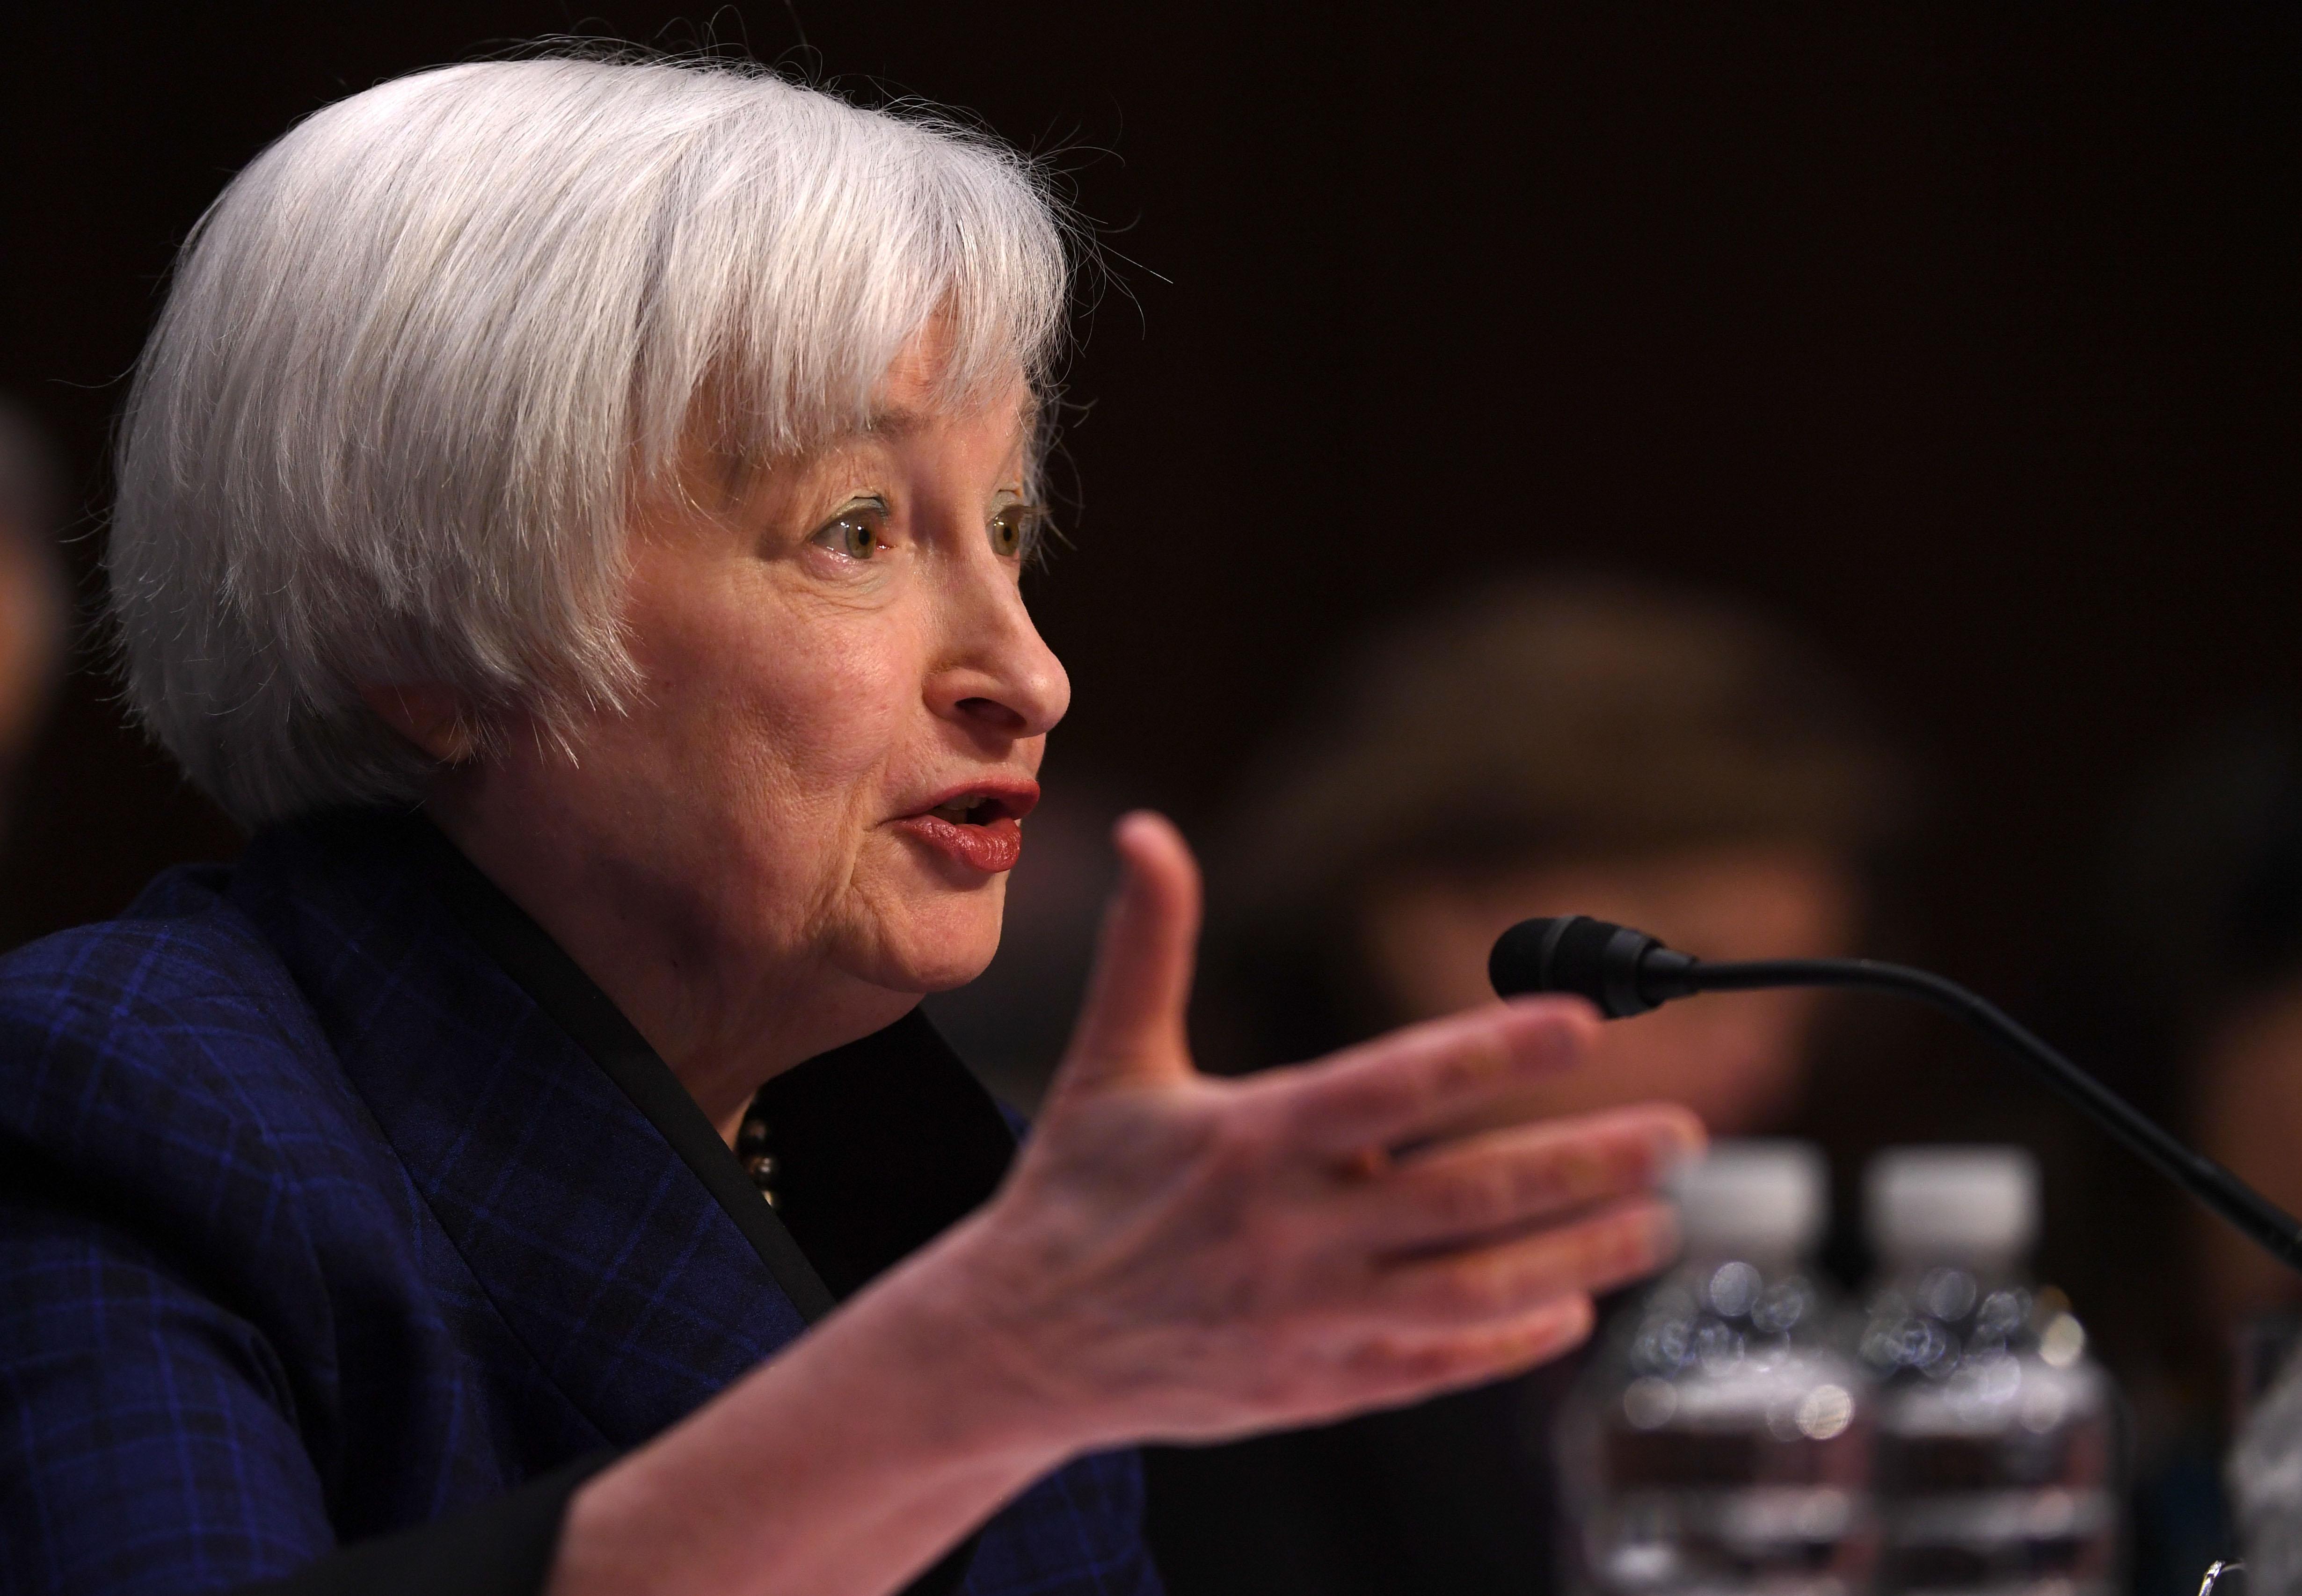 La Fed è pronta ad aumentare i tassi